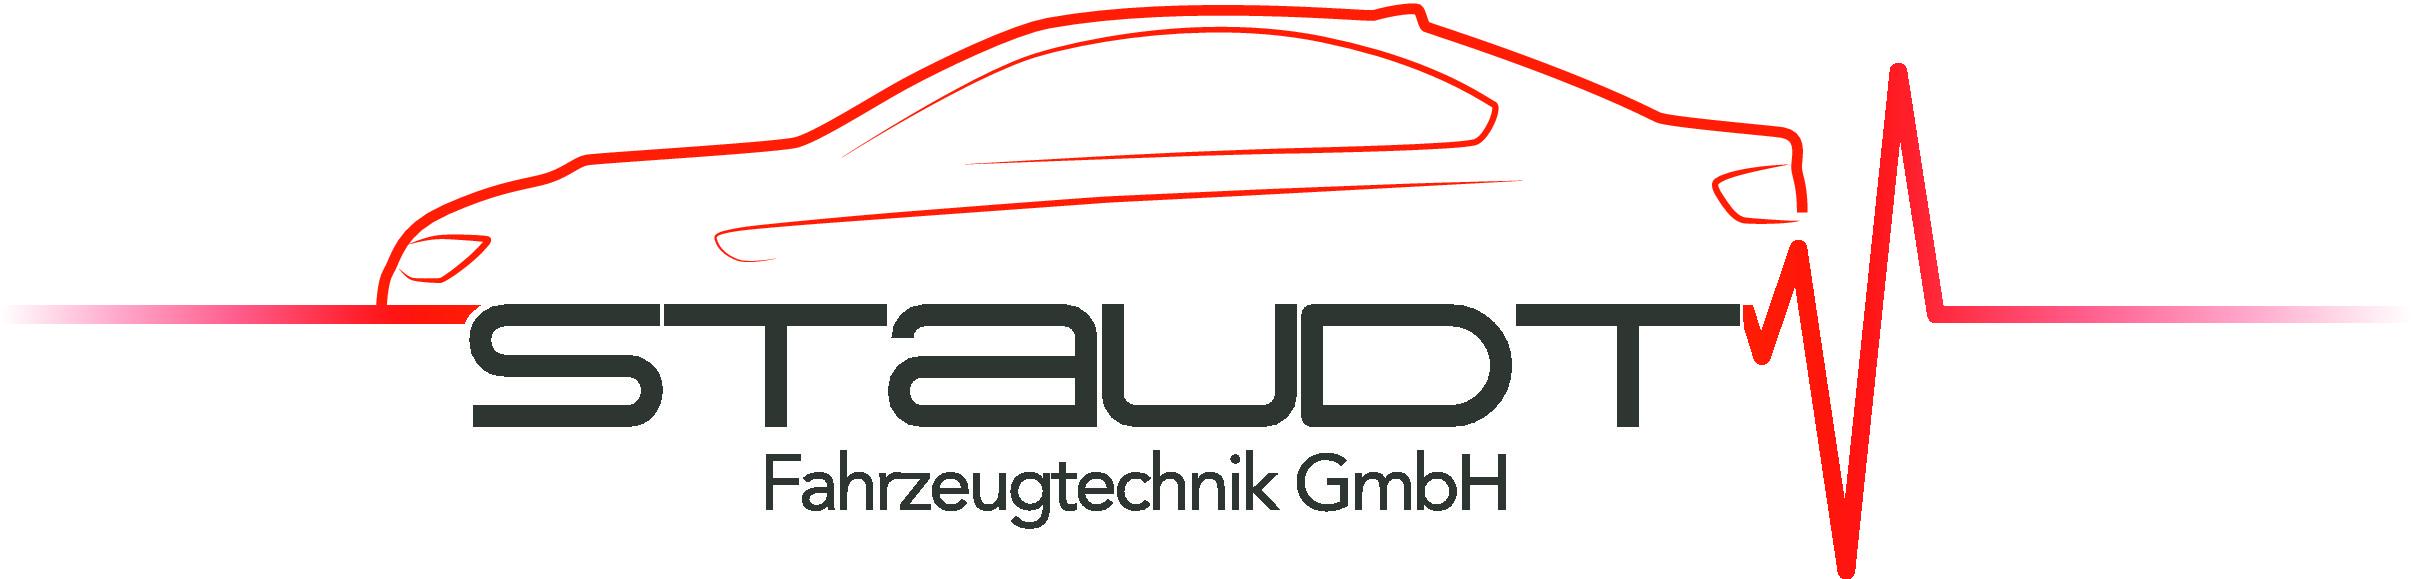 Staudt-Fahrzeugtechnik-GmbH-Brühl